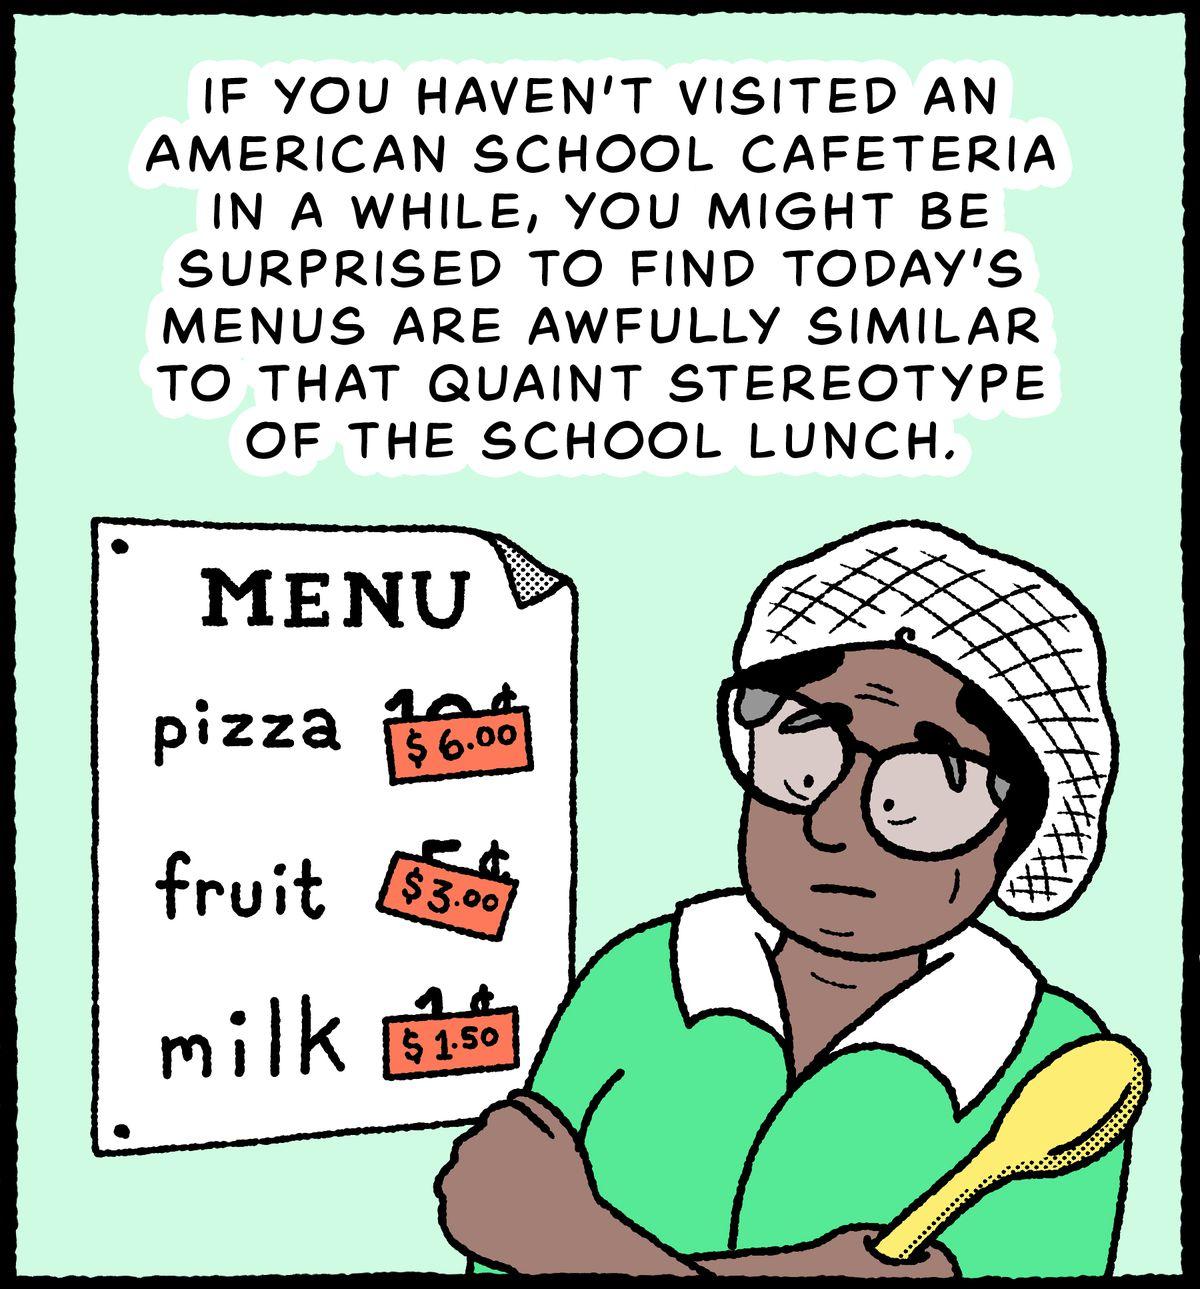 Un employé de cafétéria devant un menu de déjeuner scolaire comprenant des pizzas, des fruits et du lait: si vous n'avez pas visité une cafétéria scolaire américaine depuis un moment, vous pourriez être surpris de découvrir que les menus d'aujourd'hui sont terriblement similaires à ce stéréotype pittoresque du déjeuner scolaire .